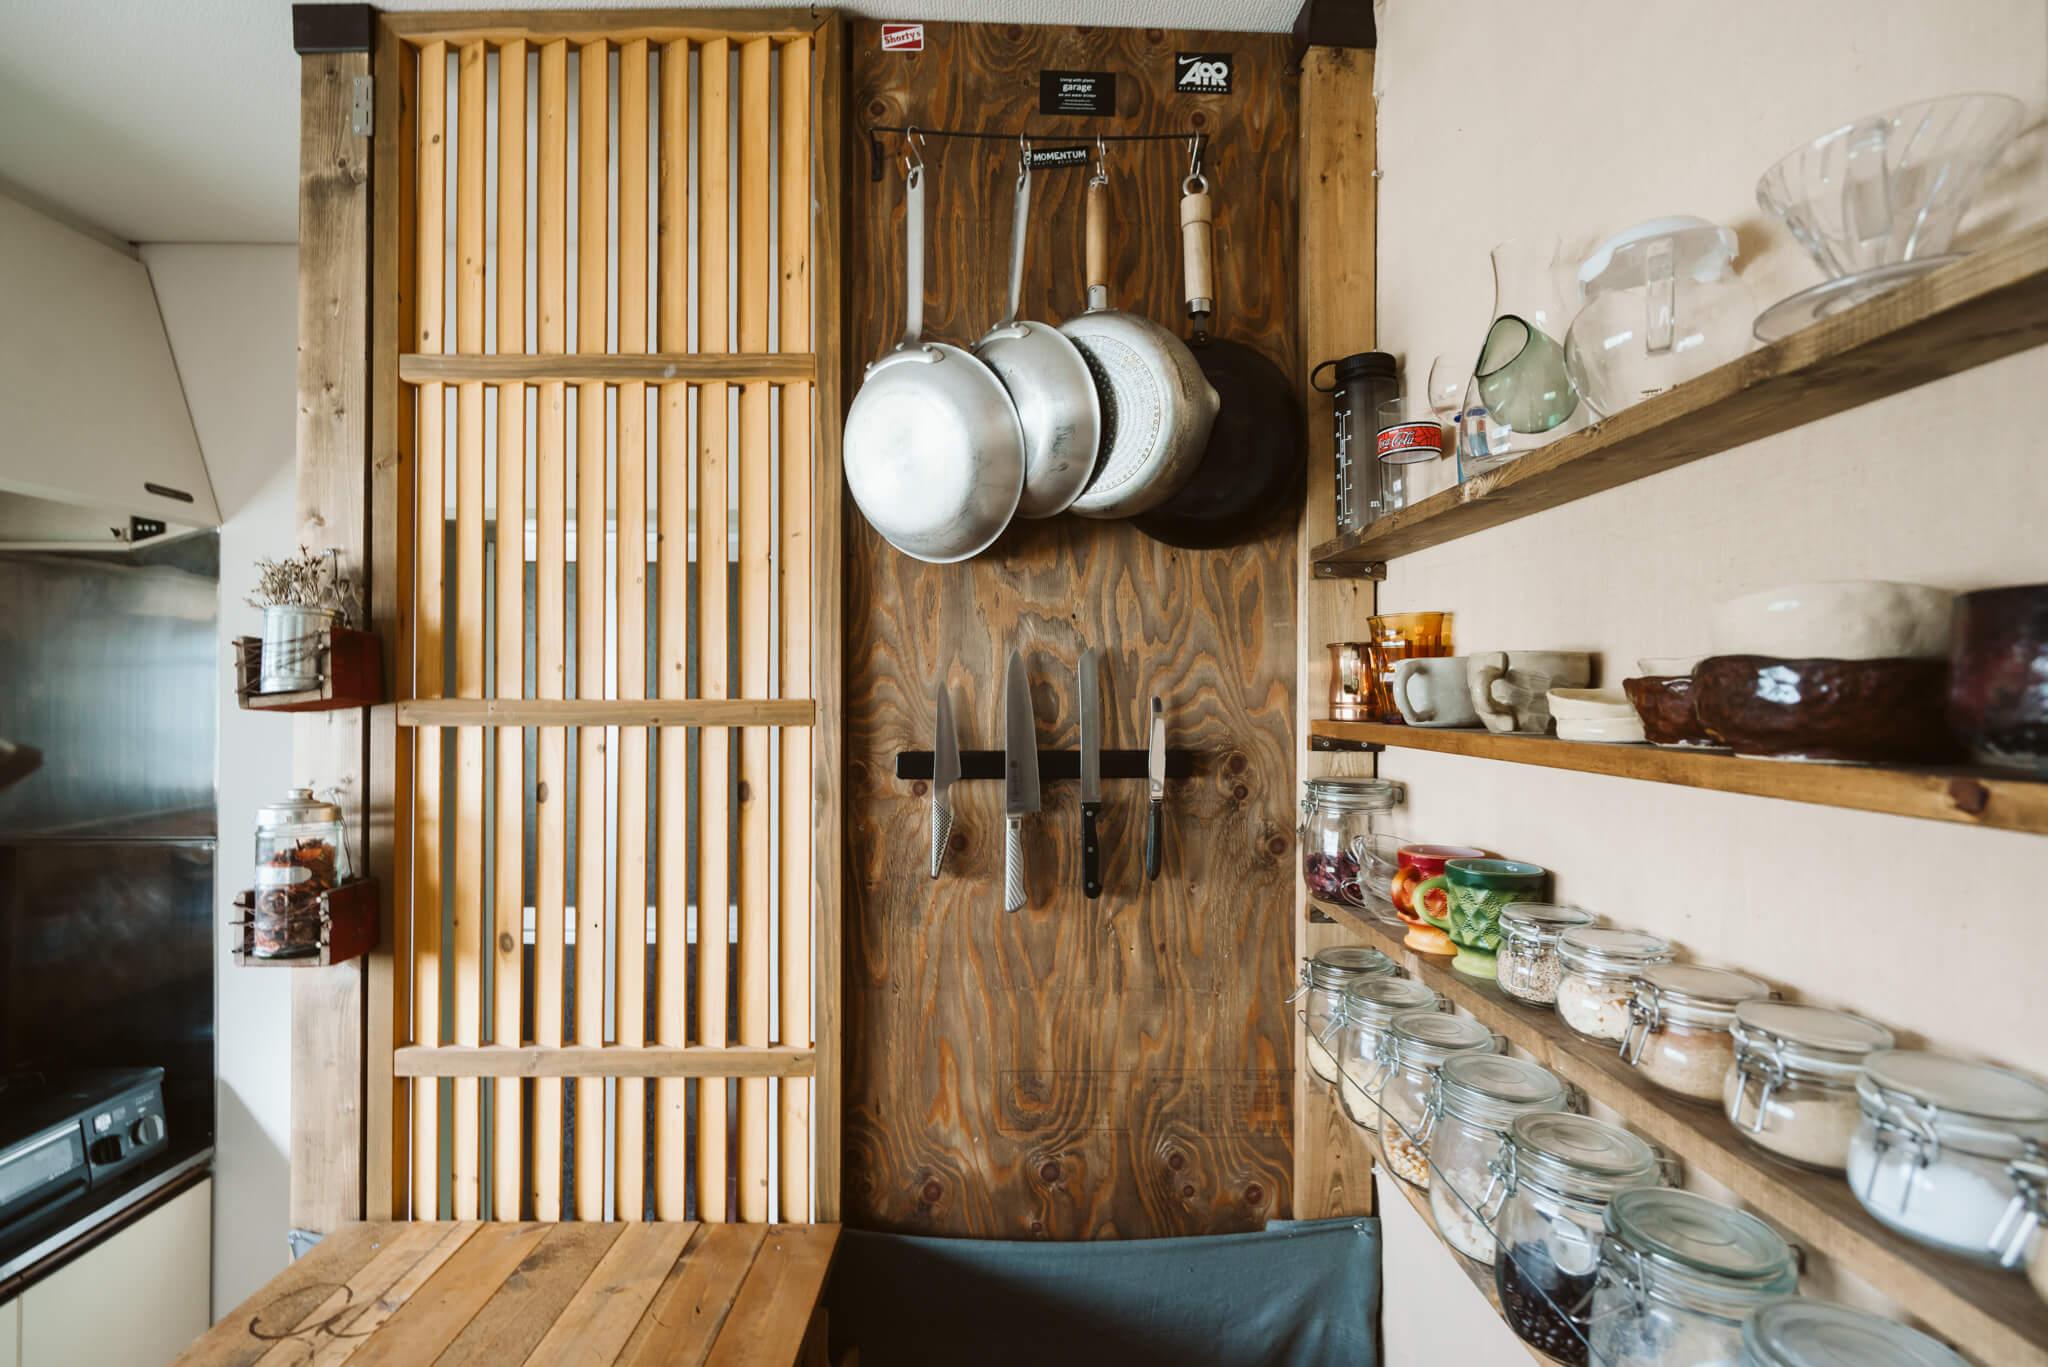 間仕切りの裏側はもちろんキッチンアイテムの収納スペースとして活用。